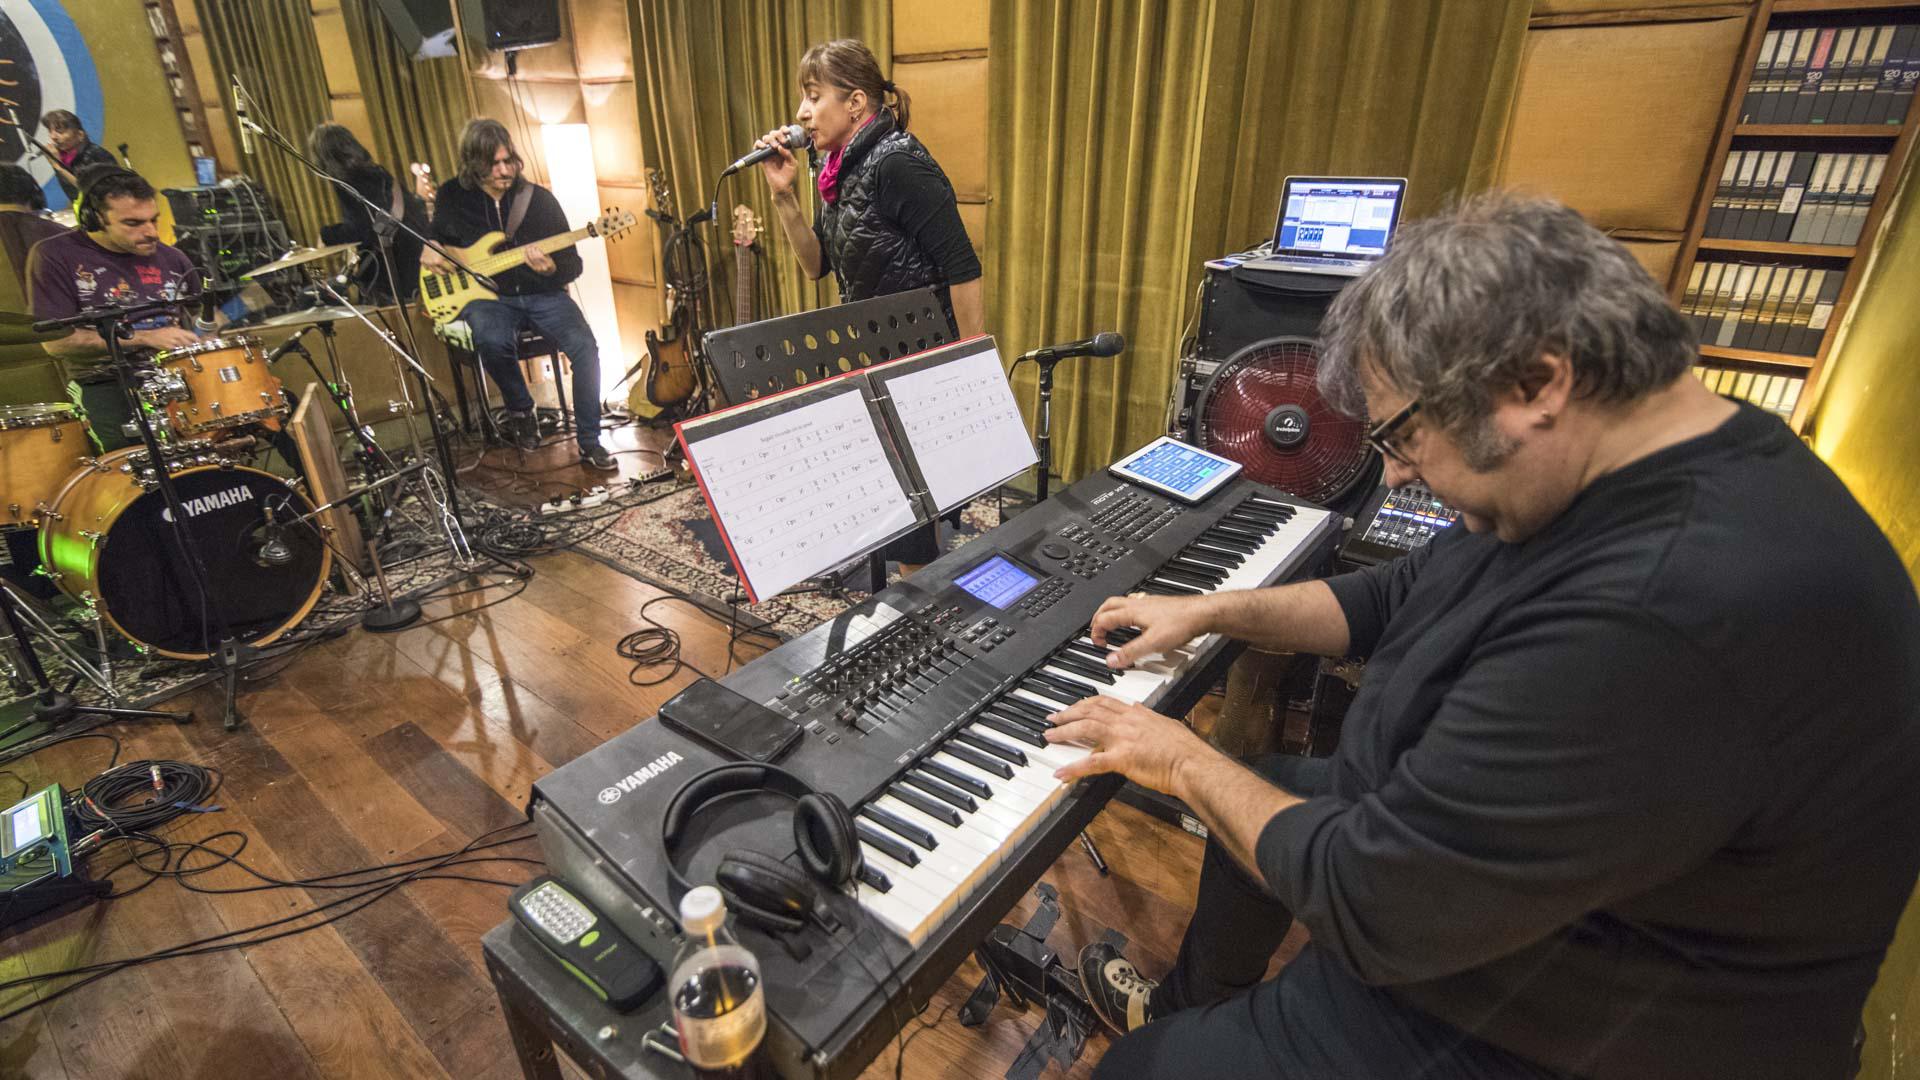 Hilda Lizarazu declaró que la música puede ser sanadora pero aveces también enloquecedora (fotografía de Guillermo Llanos)